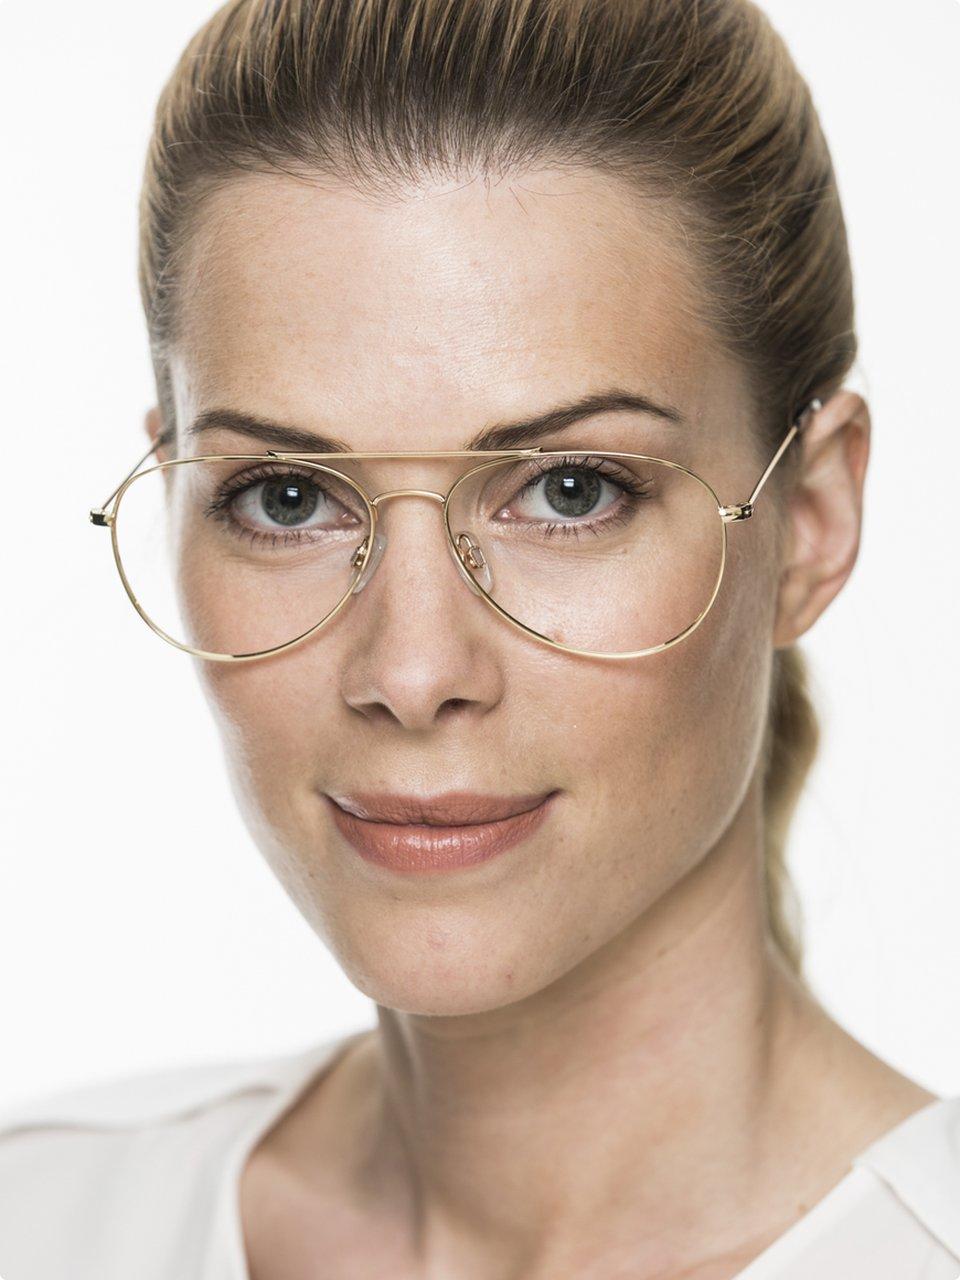 Stailausklinikka: Miten valitsen täydelliset silmälasit?